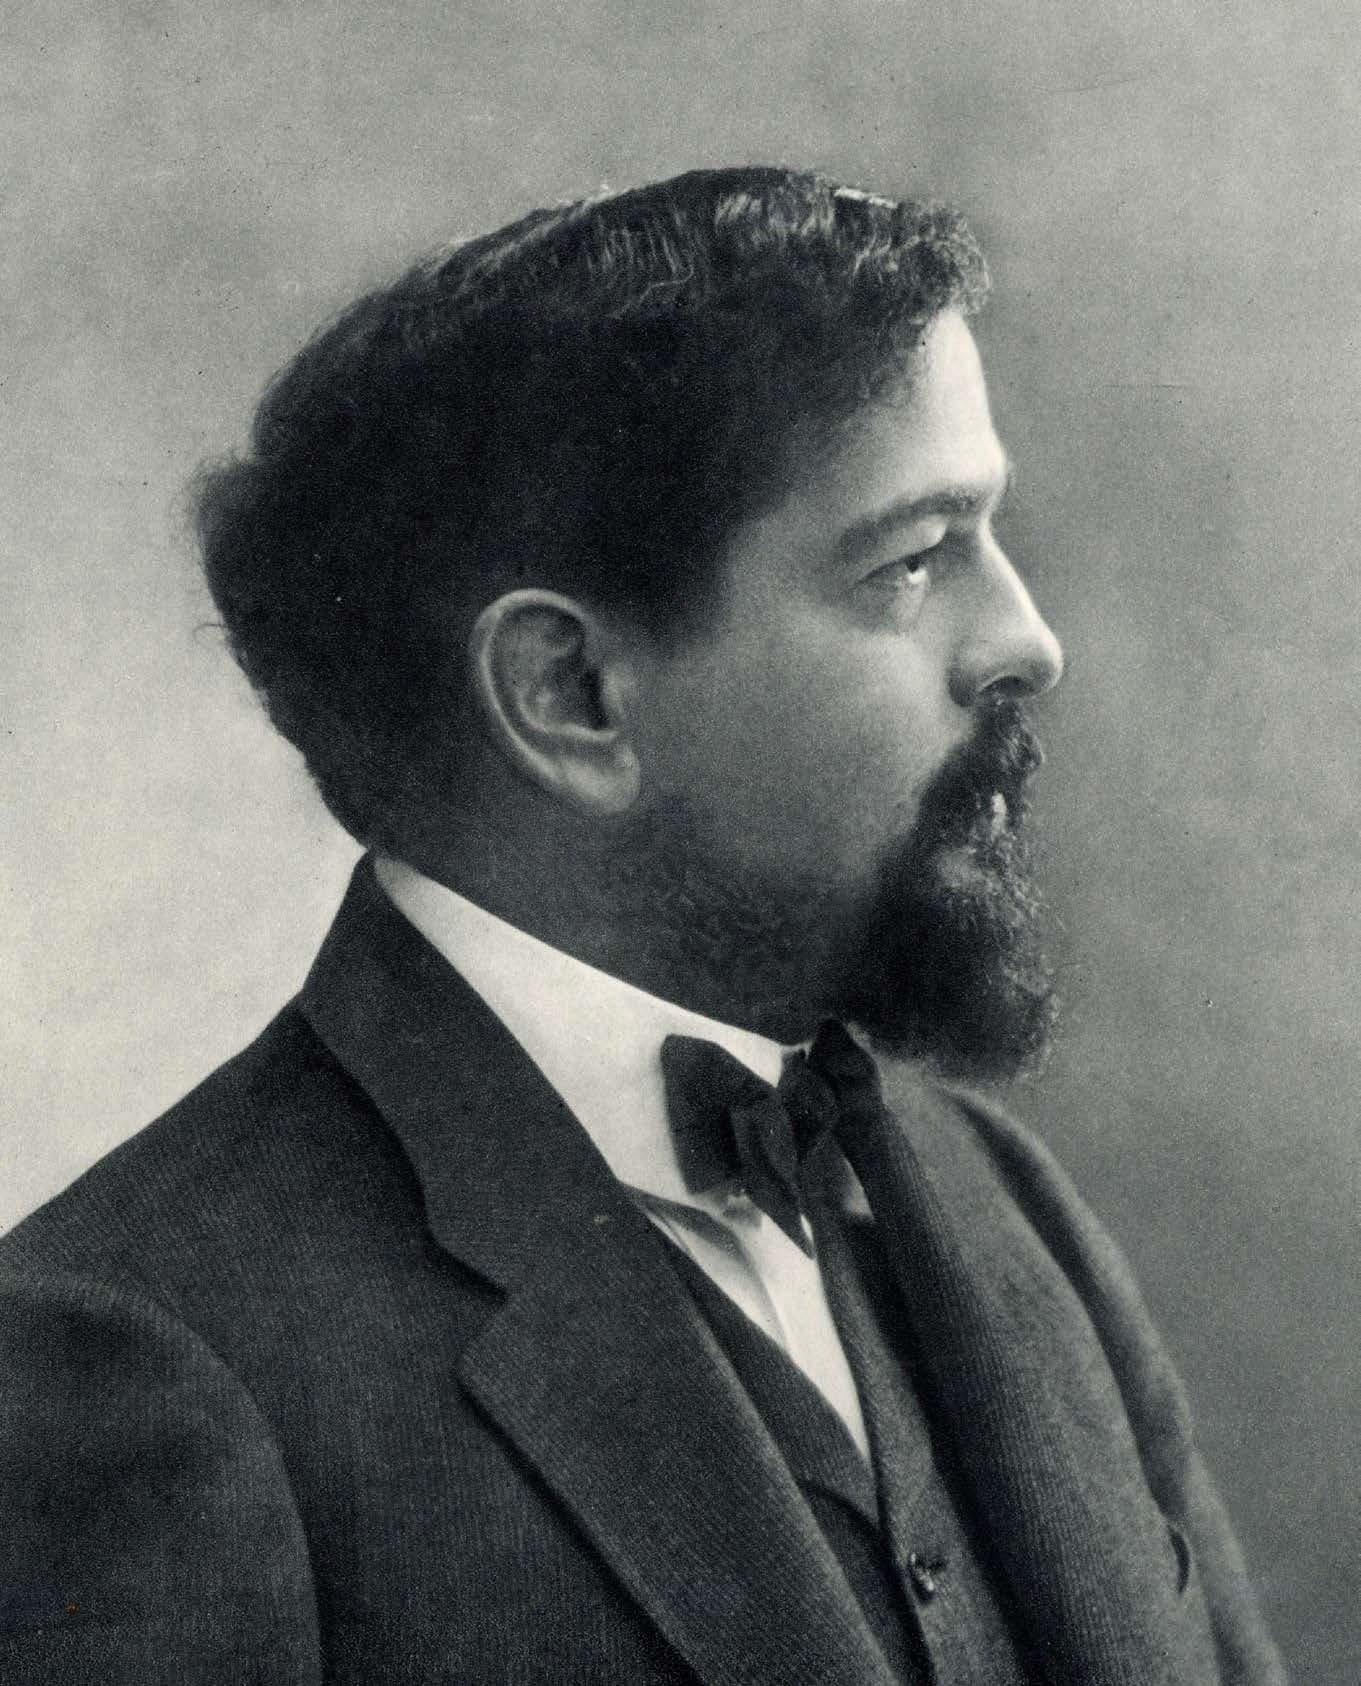 Claude Debussy nel celebre ritratto scattato da Nadar nel 1905